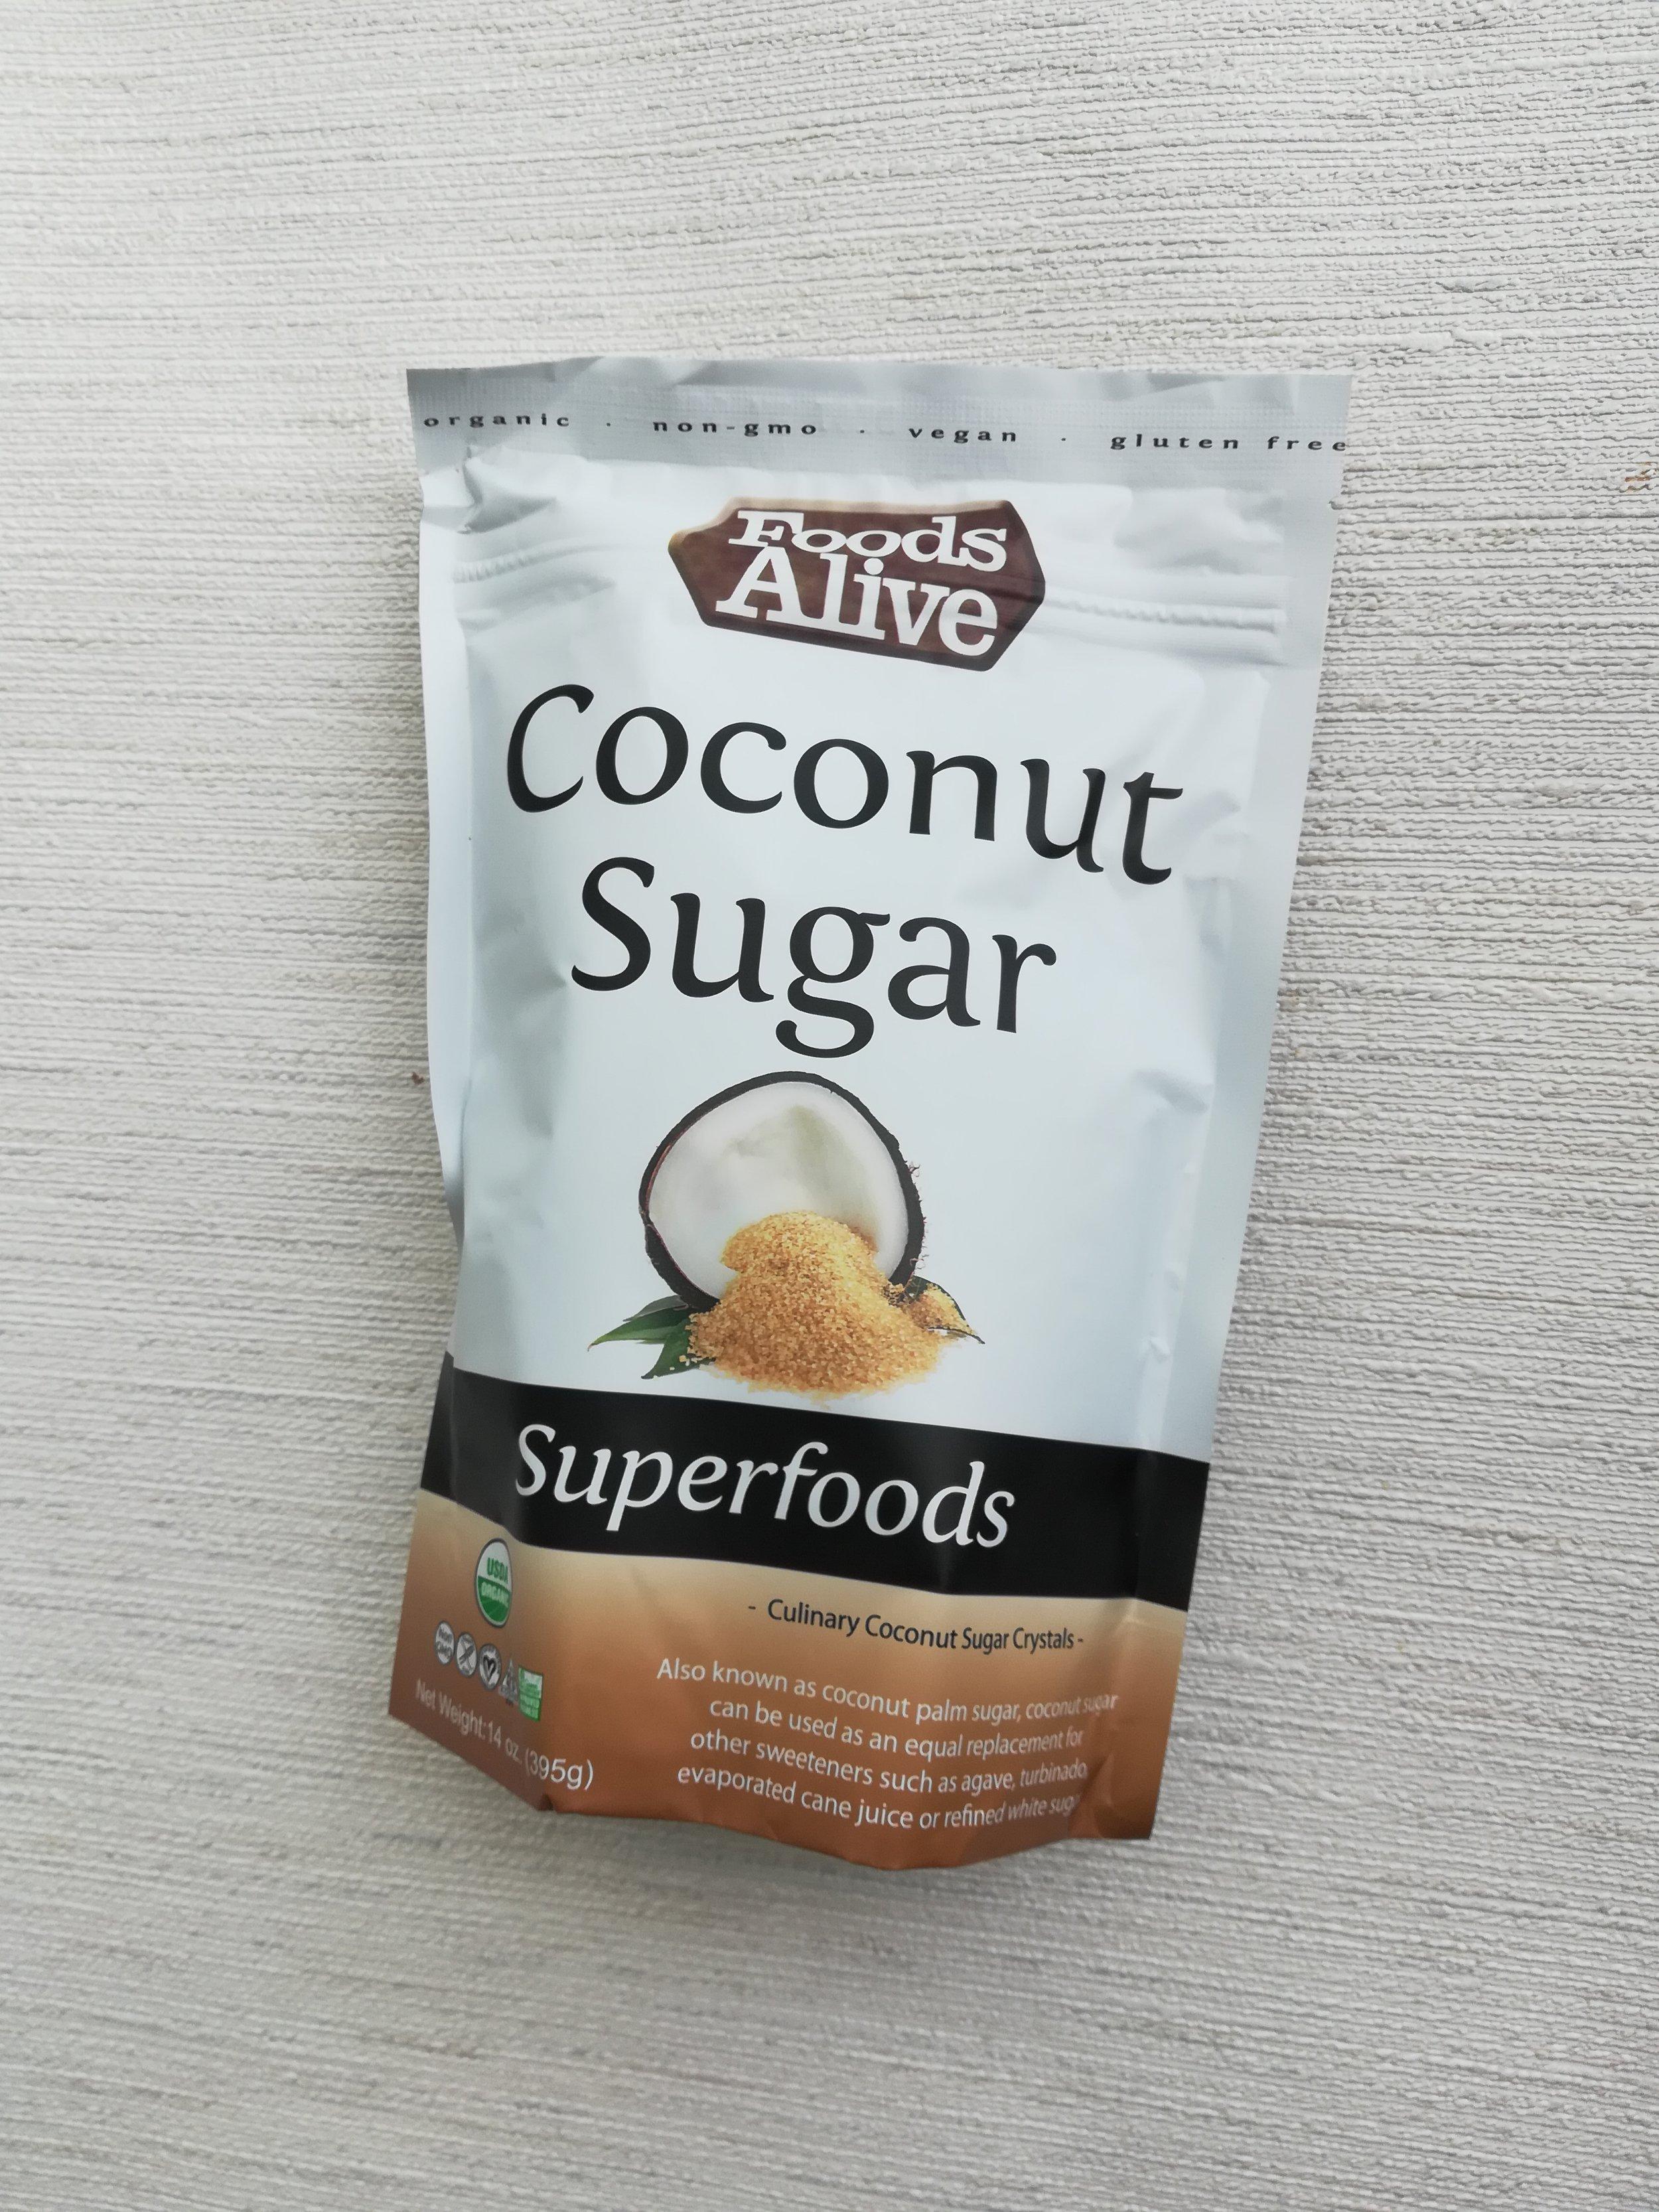 Foods Alive Coconut Sugar